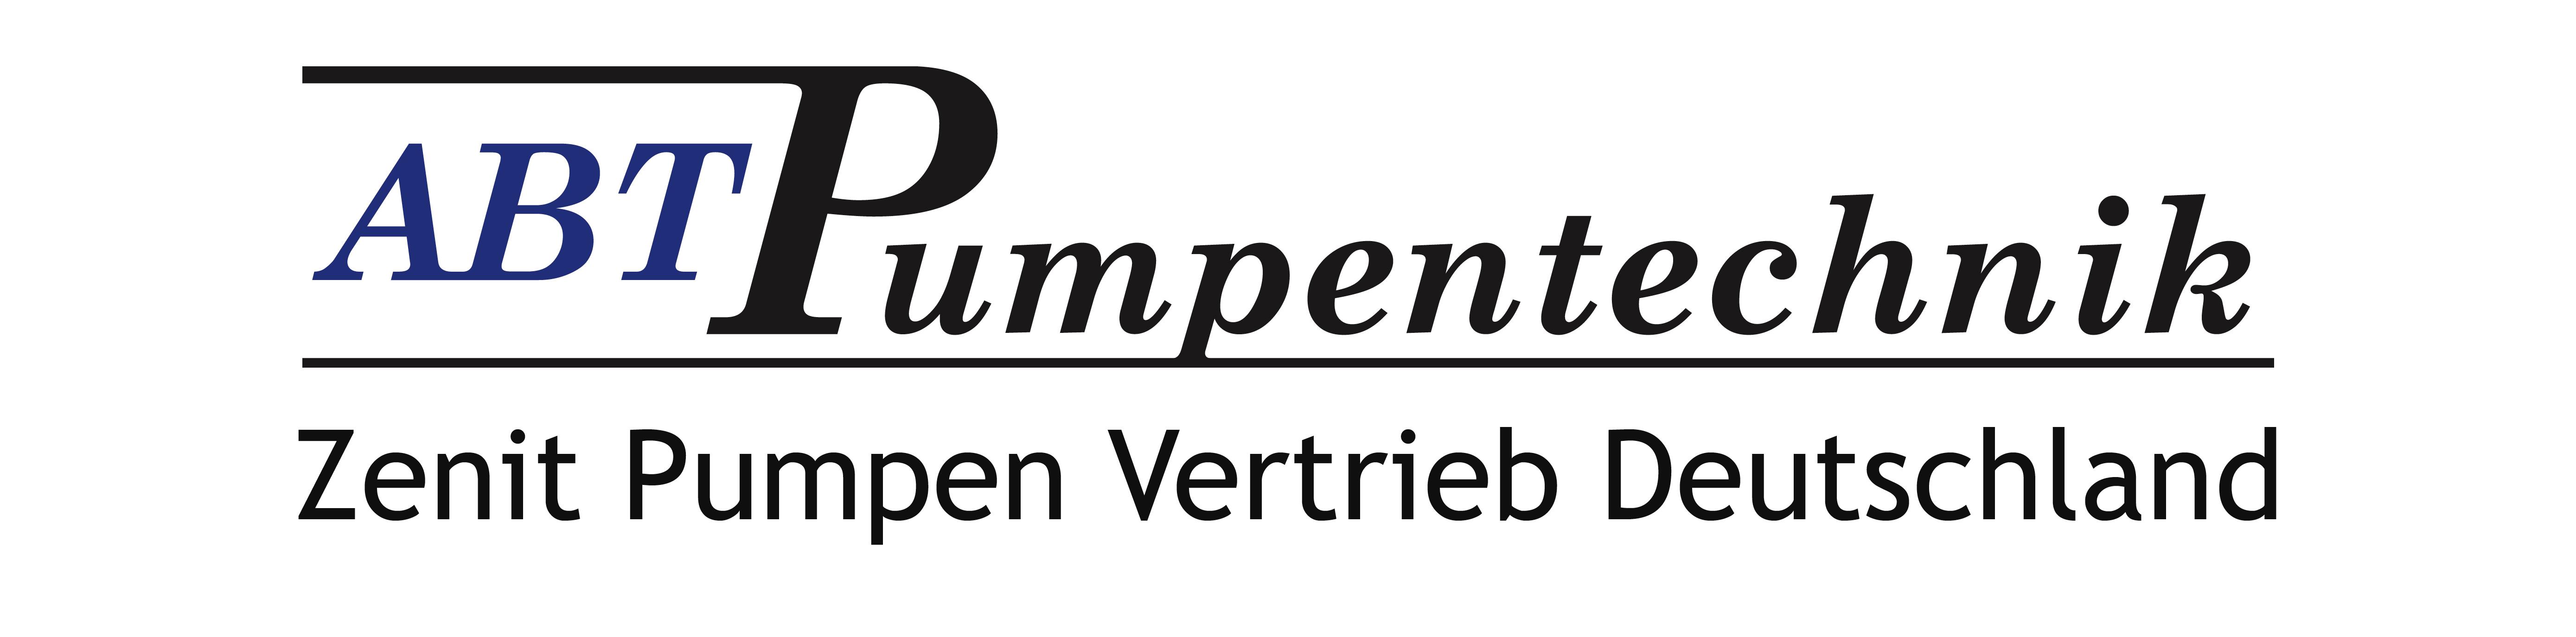 ABT Pumpentechnik - Zenit Pumpen Vertrieb Deutschland